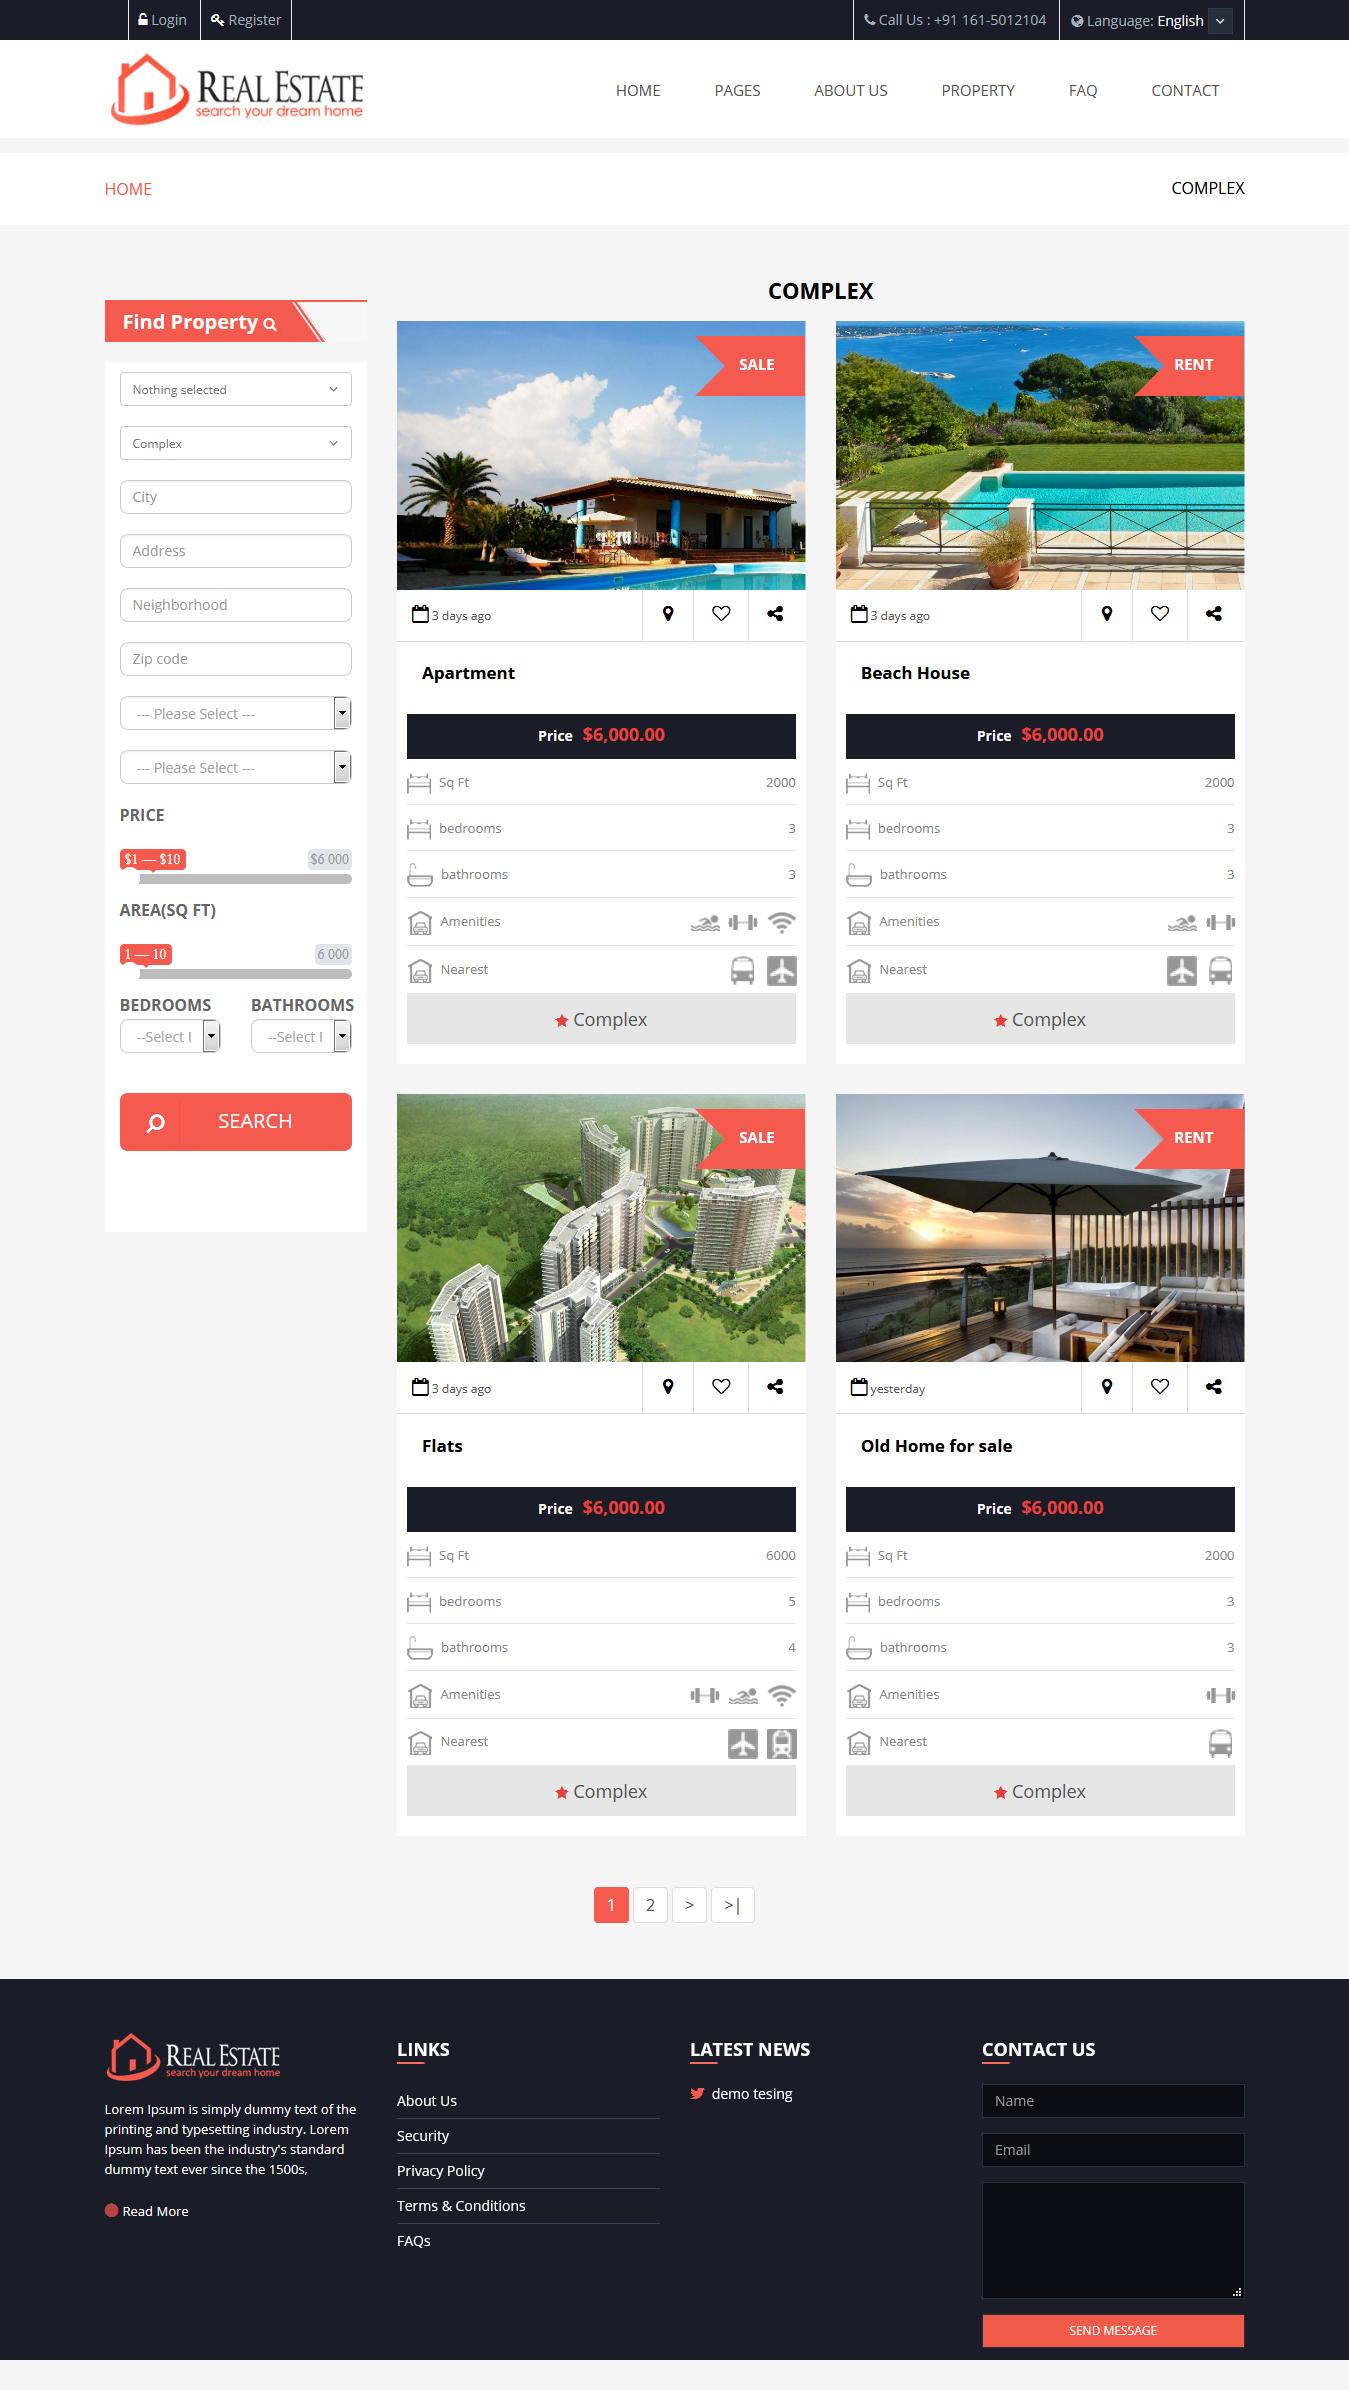 Agencia Imobiliária - Script personalizado de imóveis